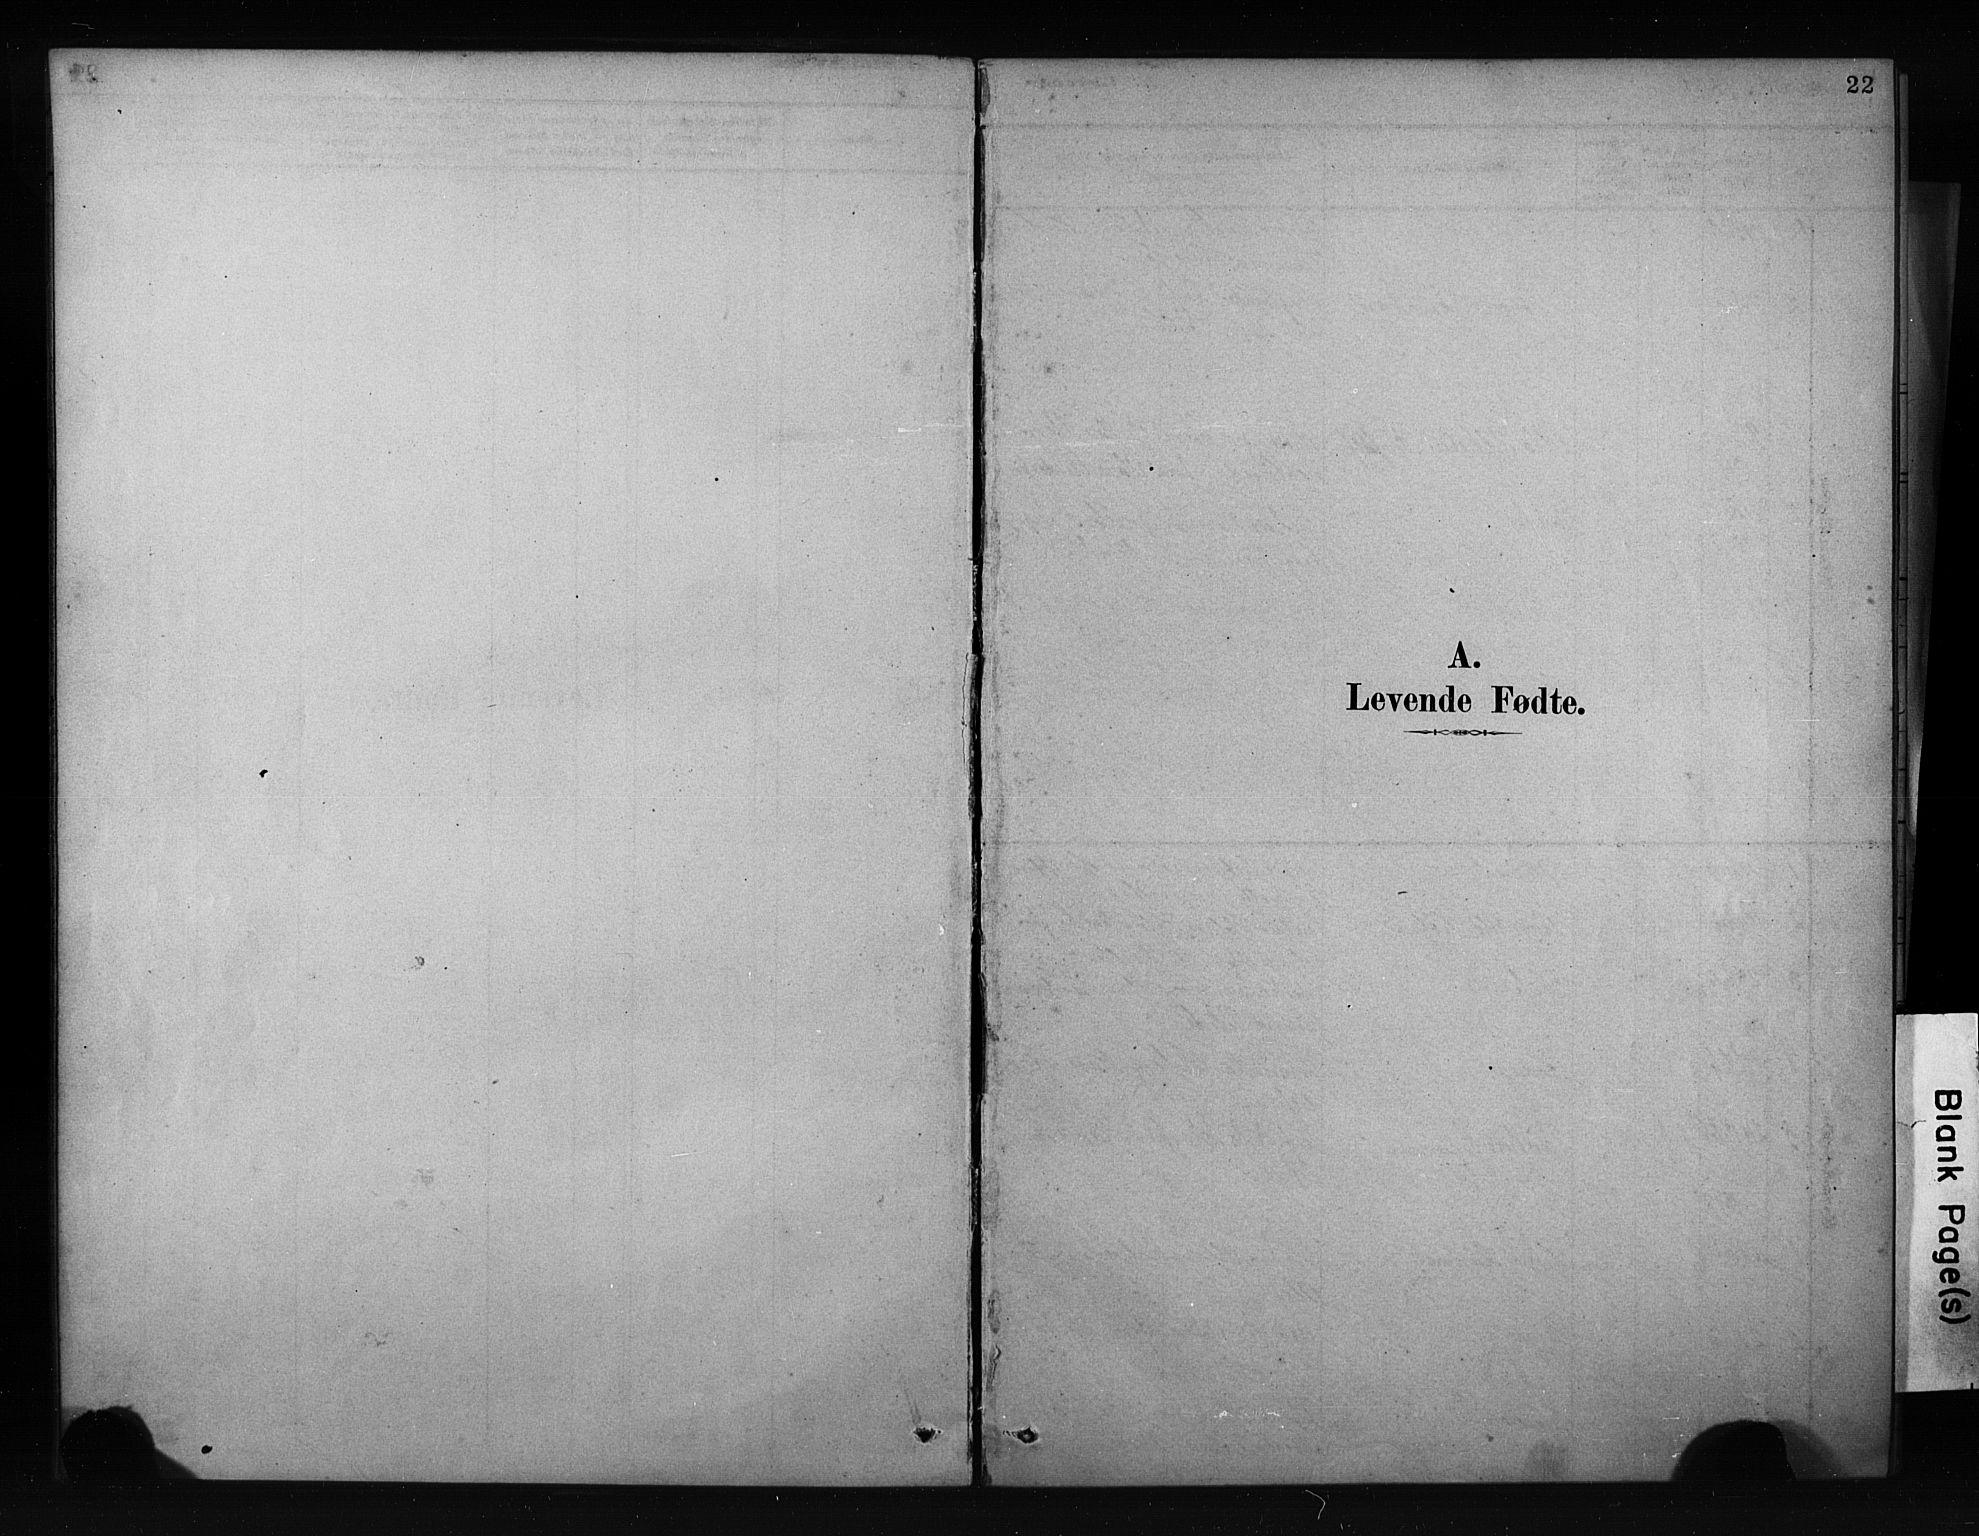 SAKO, Porsgrunn kirkebøker , F/Fa/L0009: Ministerialbok nr. 9, 1878-1923, s. 22